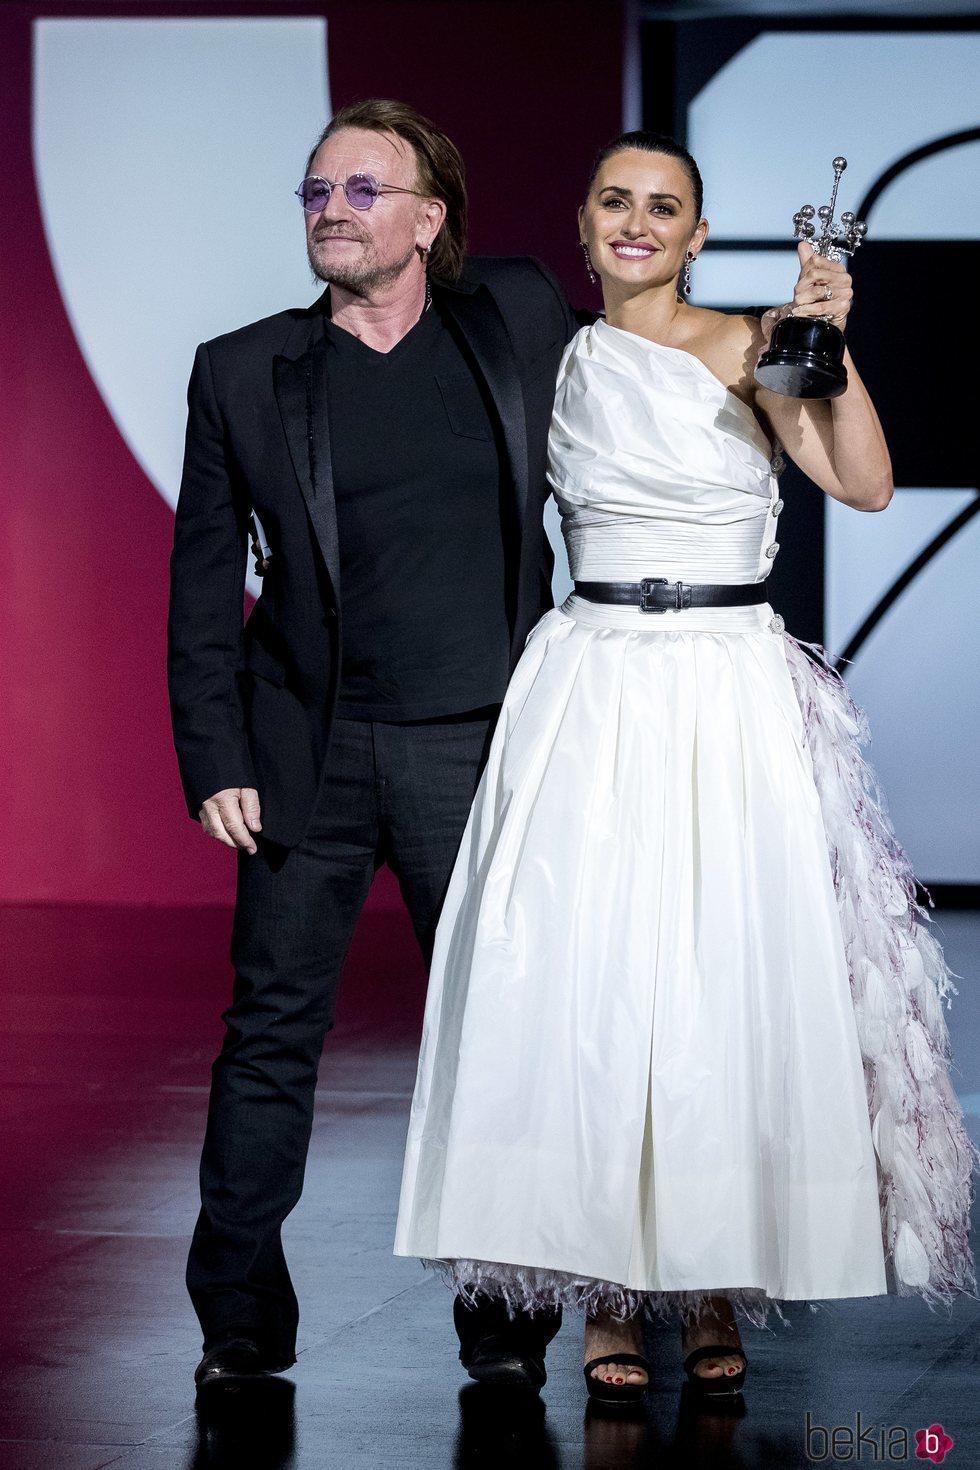 Penélope Cruz con Bono, de U2, recogiendo el Premio Donostia en el Festival de Cine de San Sebastián 2019